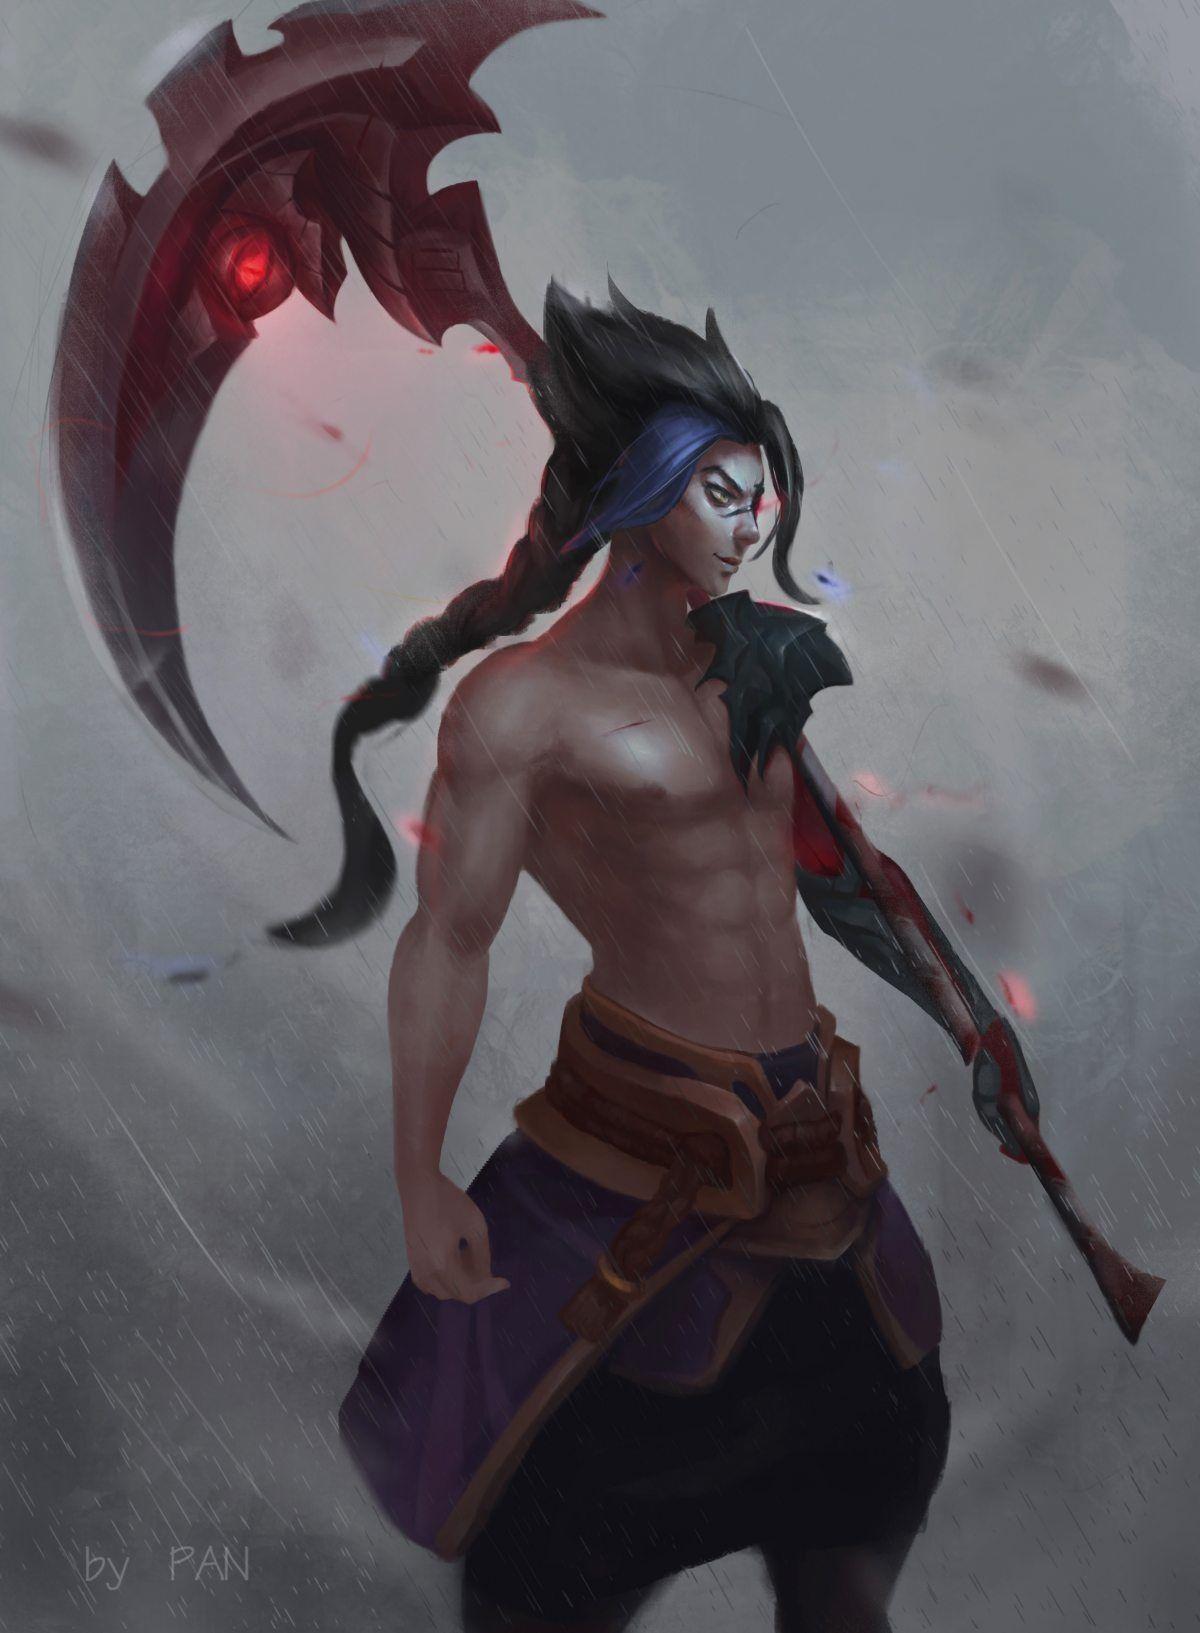 Kayn By Miaosu Hd Wallpaper Background Fan Art Artwork League Of Legends Lol League Of Legends League Of Legends Game League